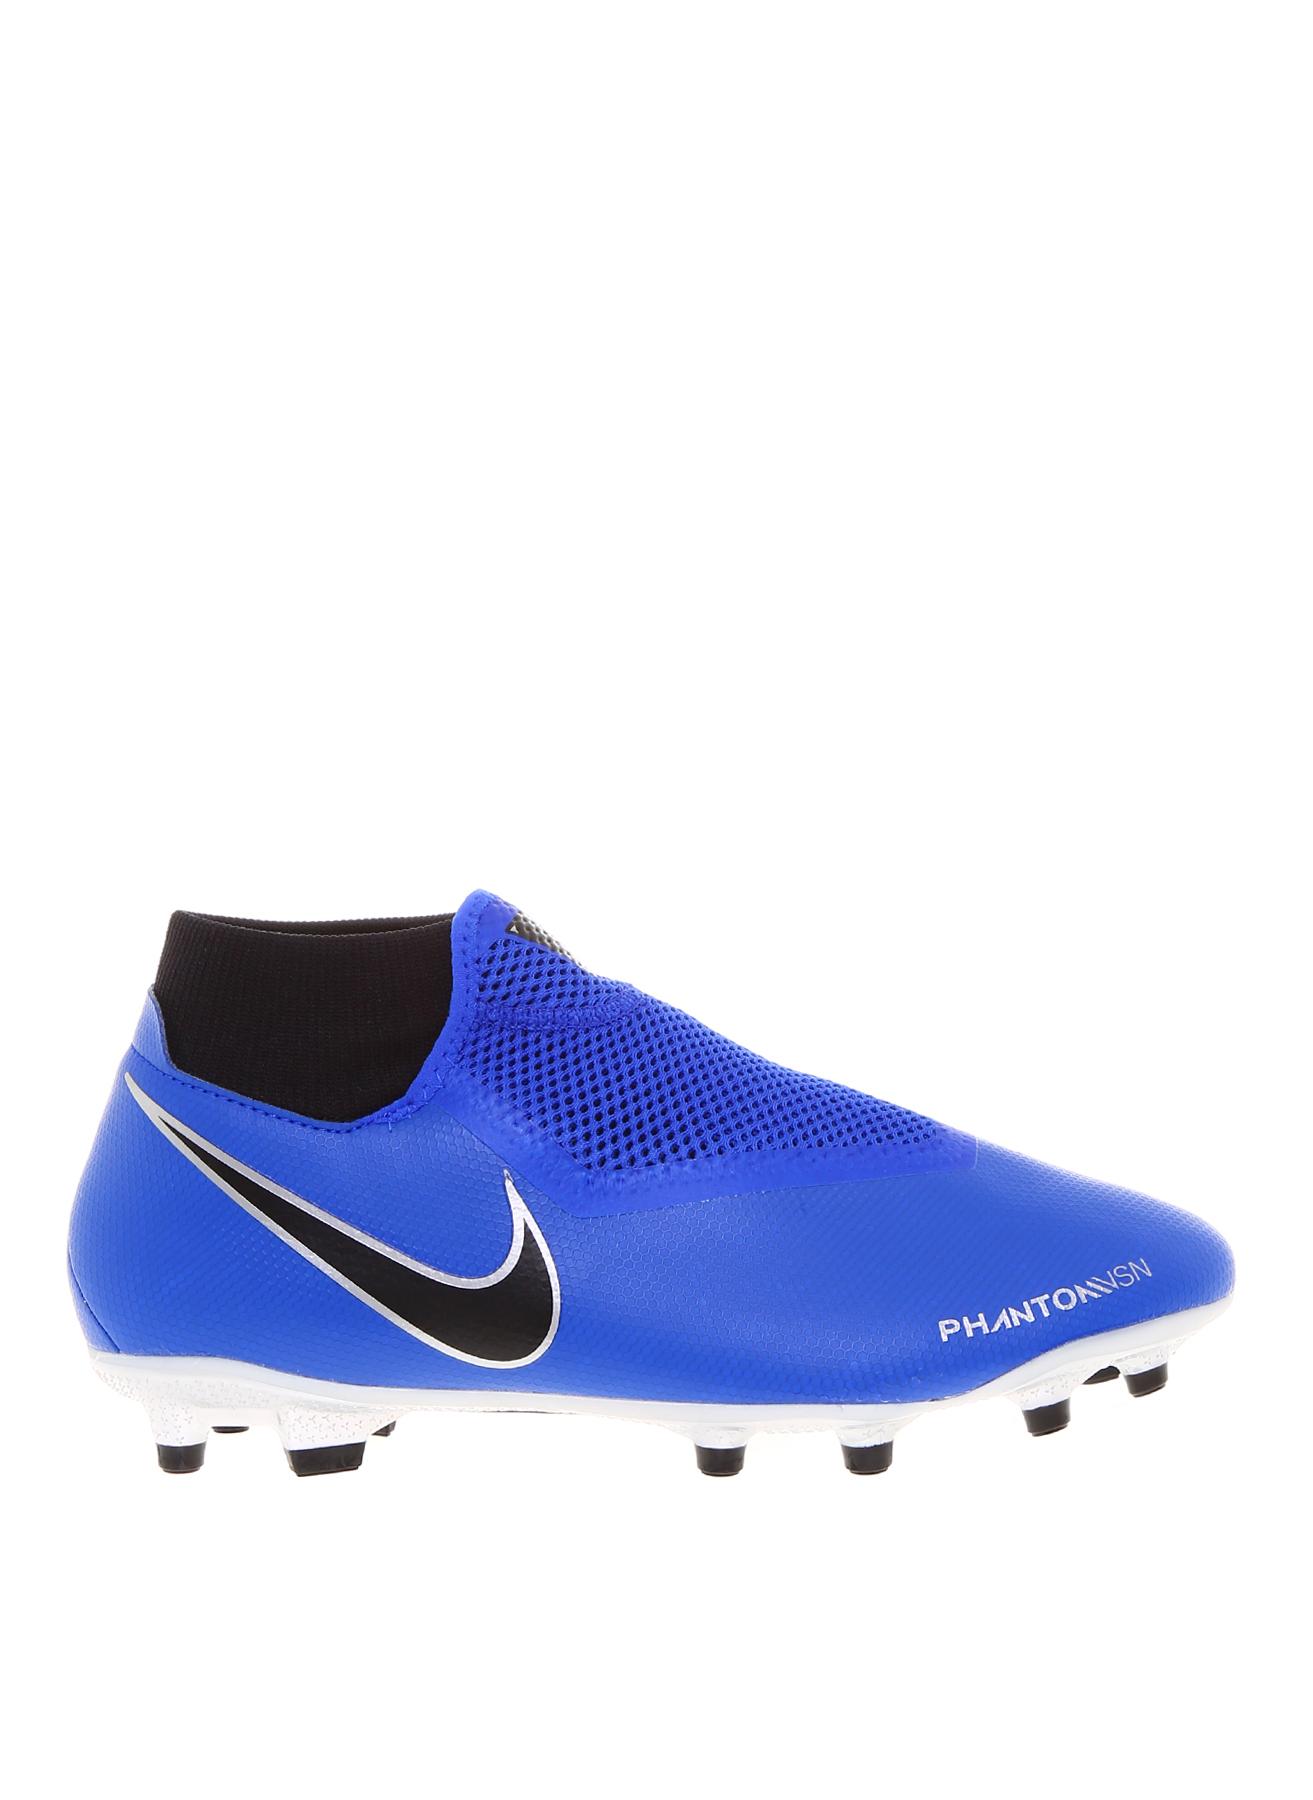 Nike Phantom Vsn Academy df fg/mg Futbol Ayakkabısı 42 5002328667005 Ürün Resmi